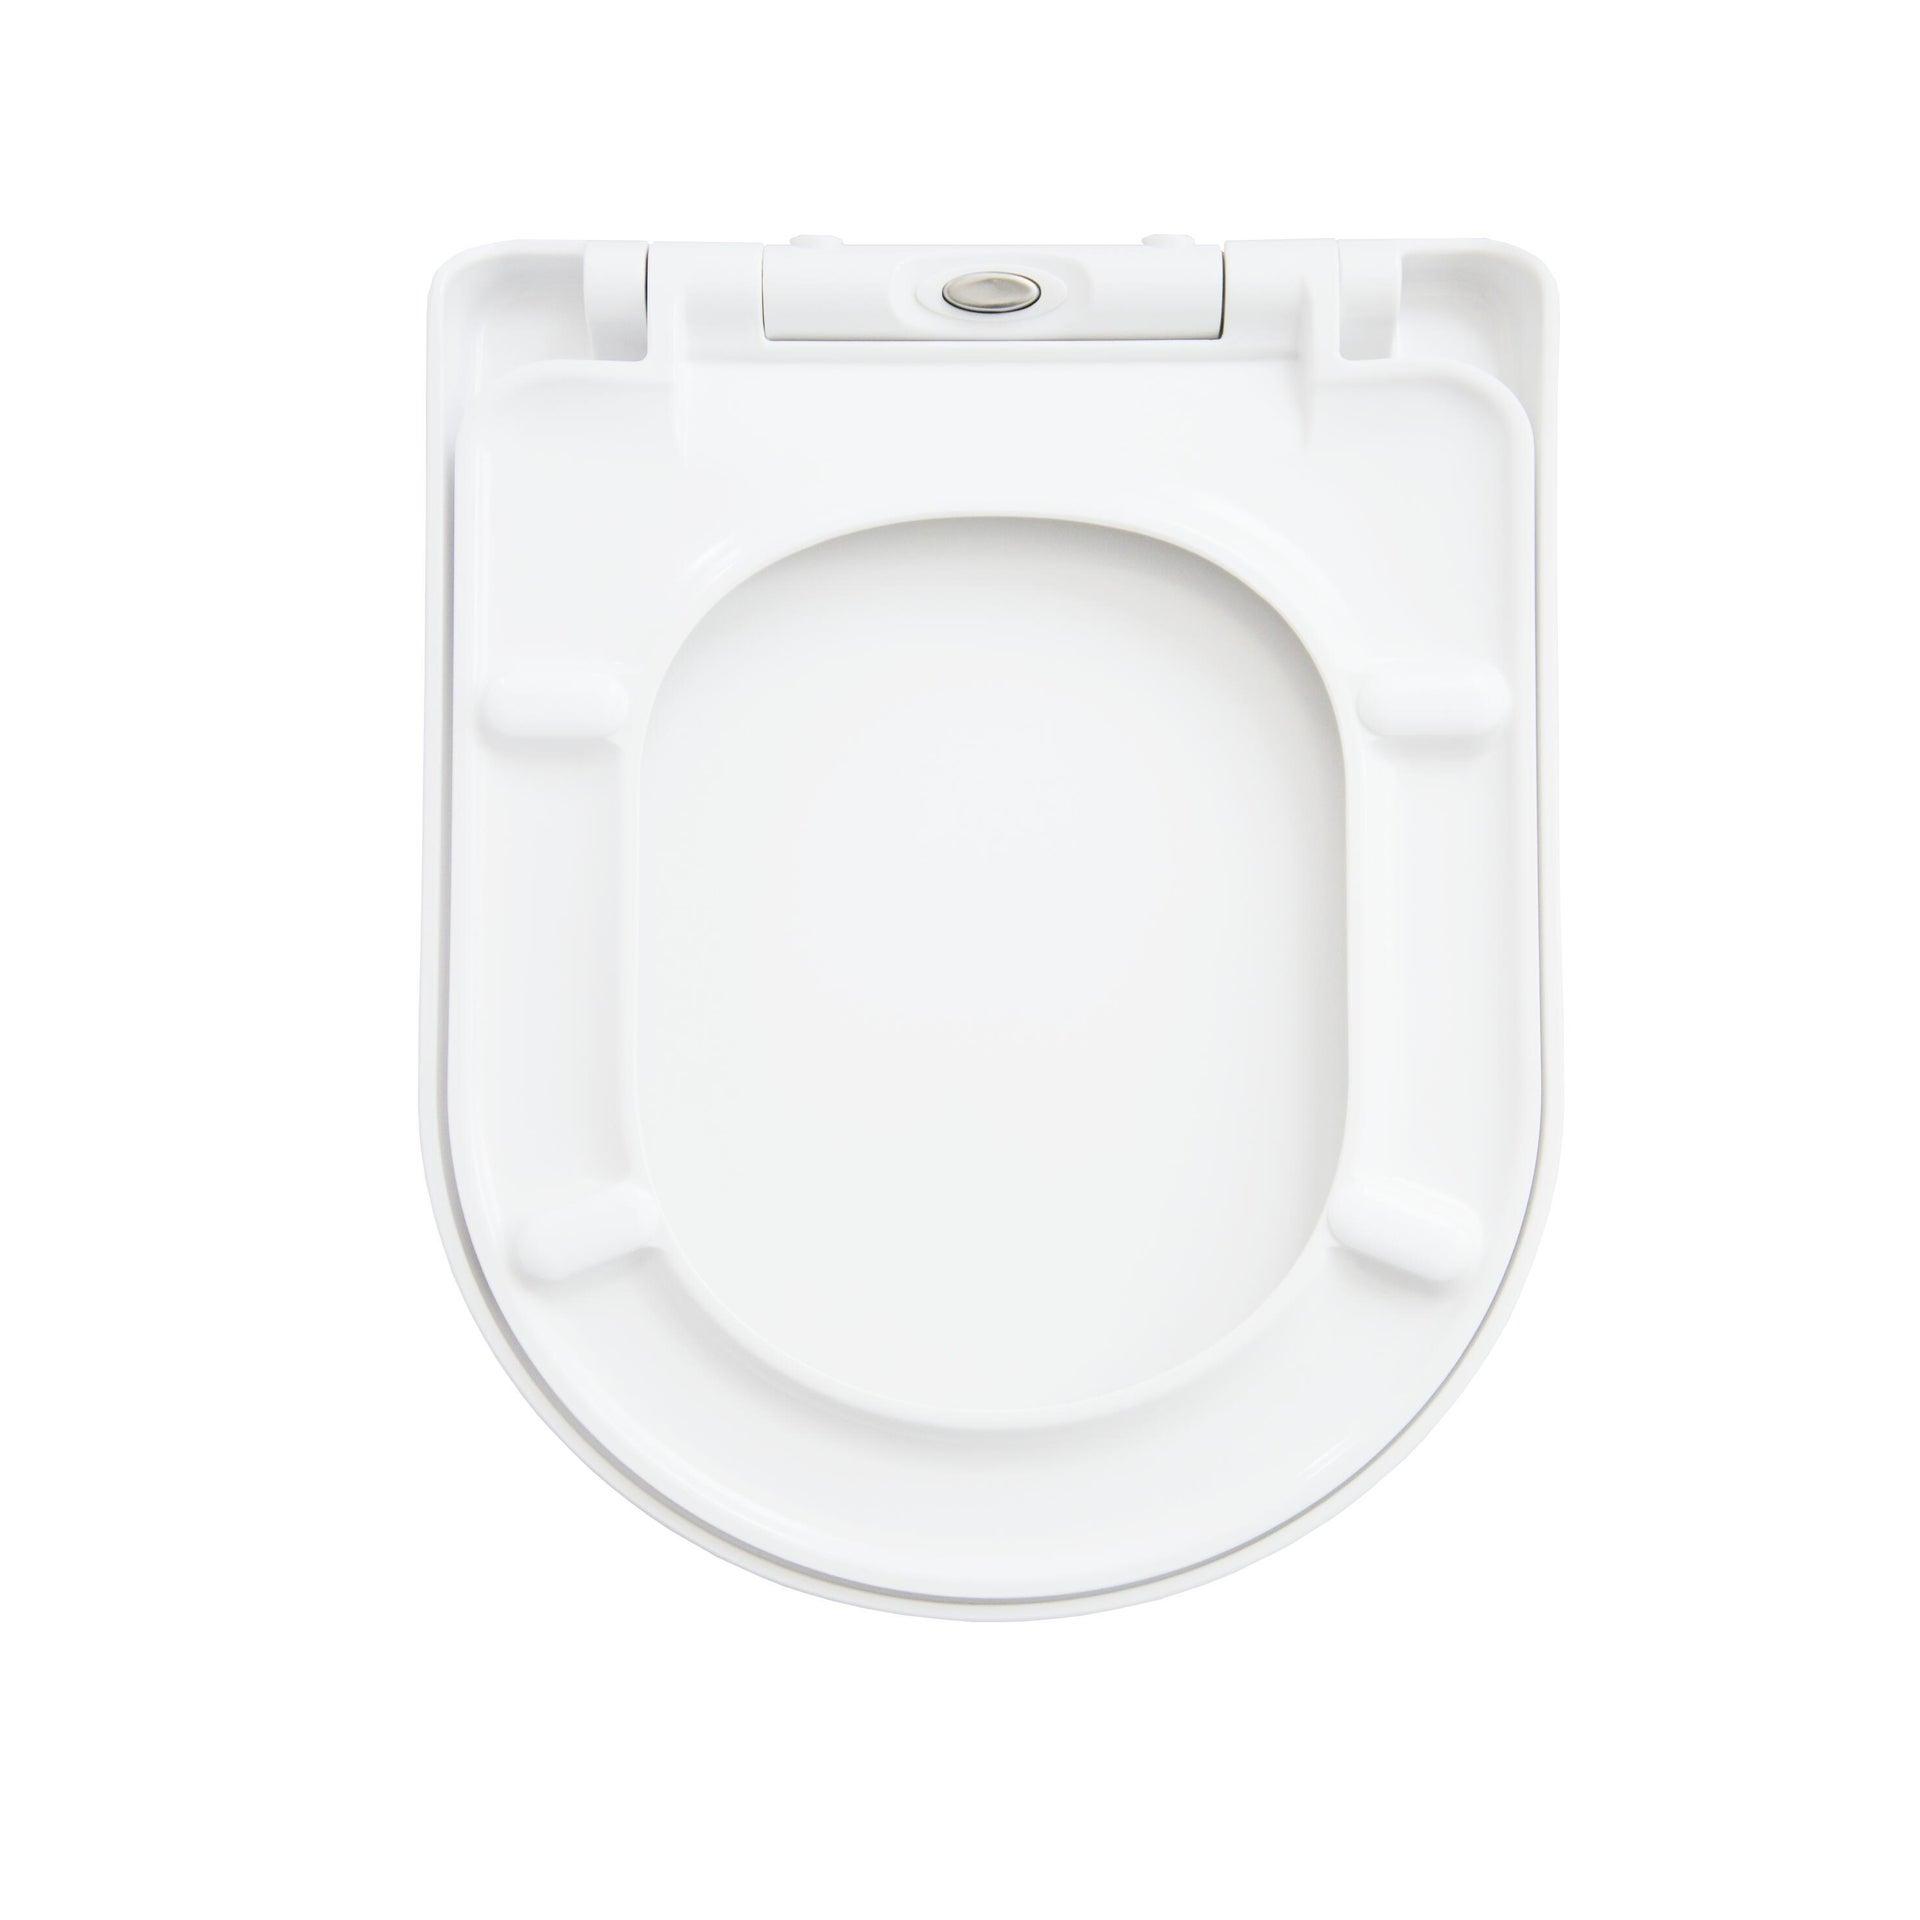 Copriwater rettangolare Universale Remix SENSEA duroplast bianco - 5